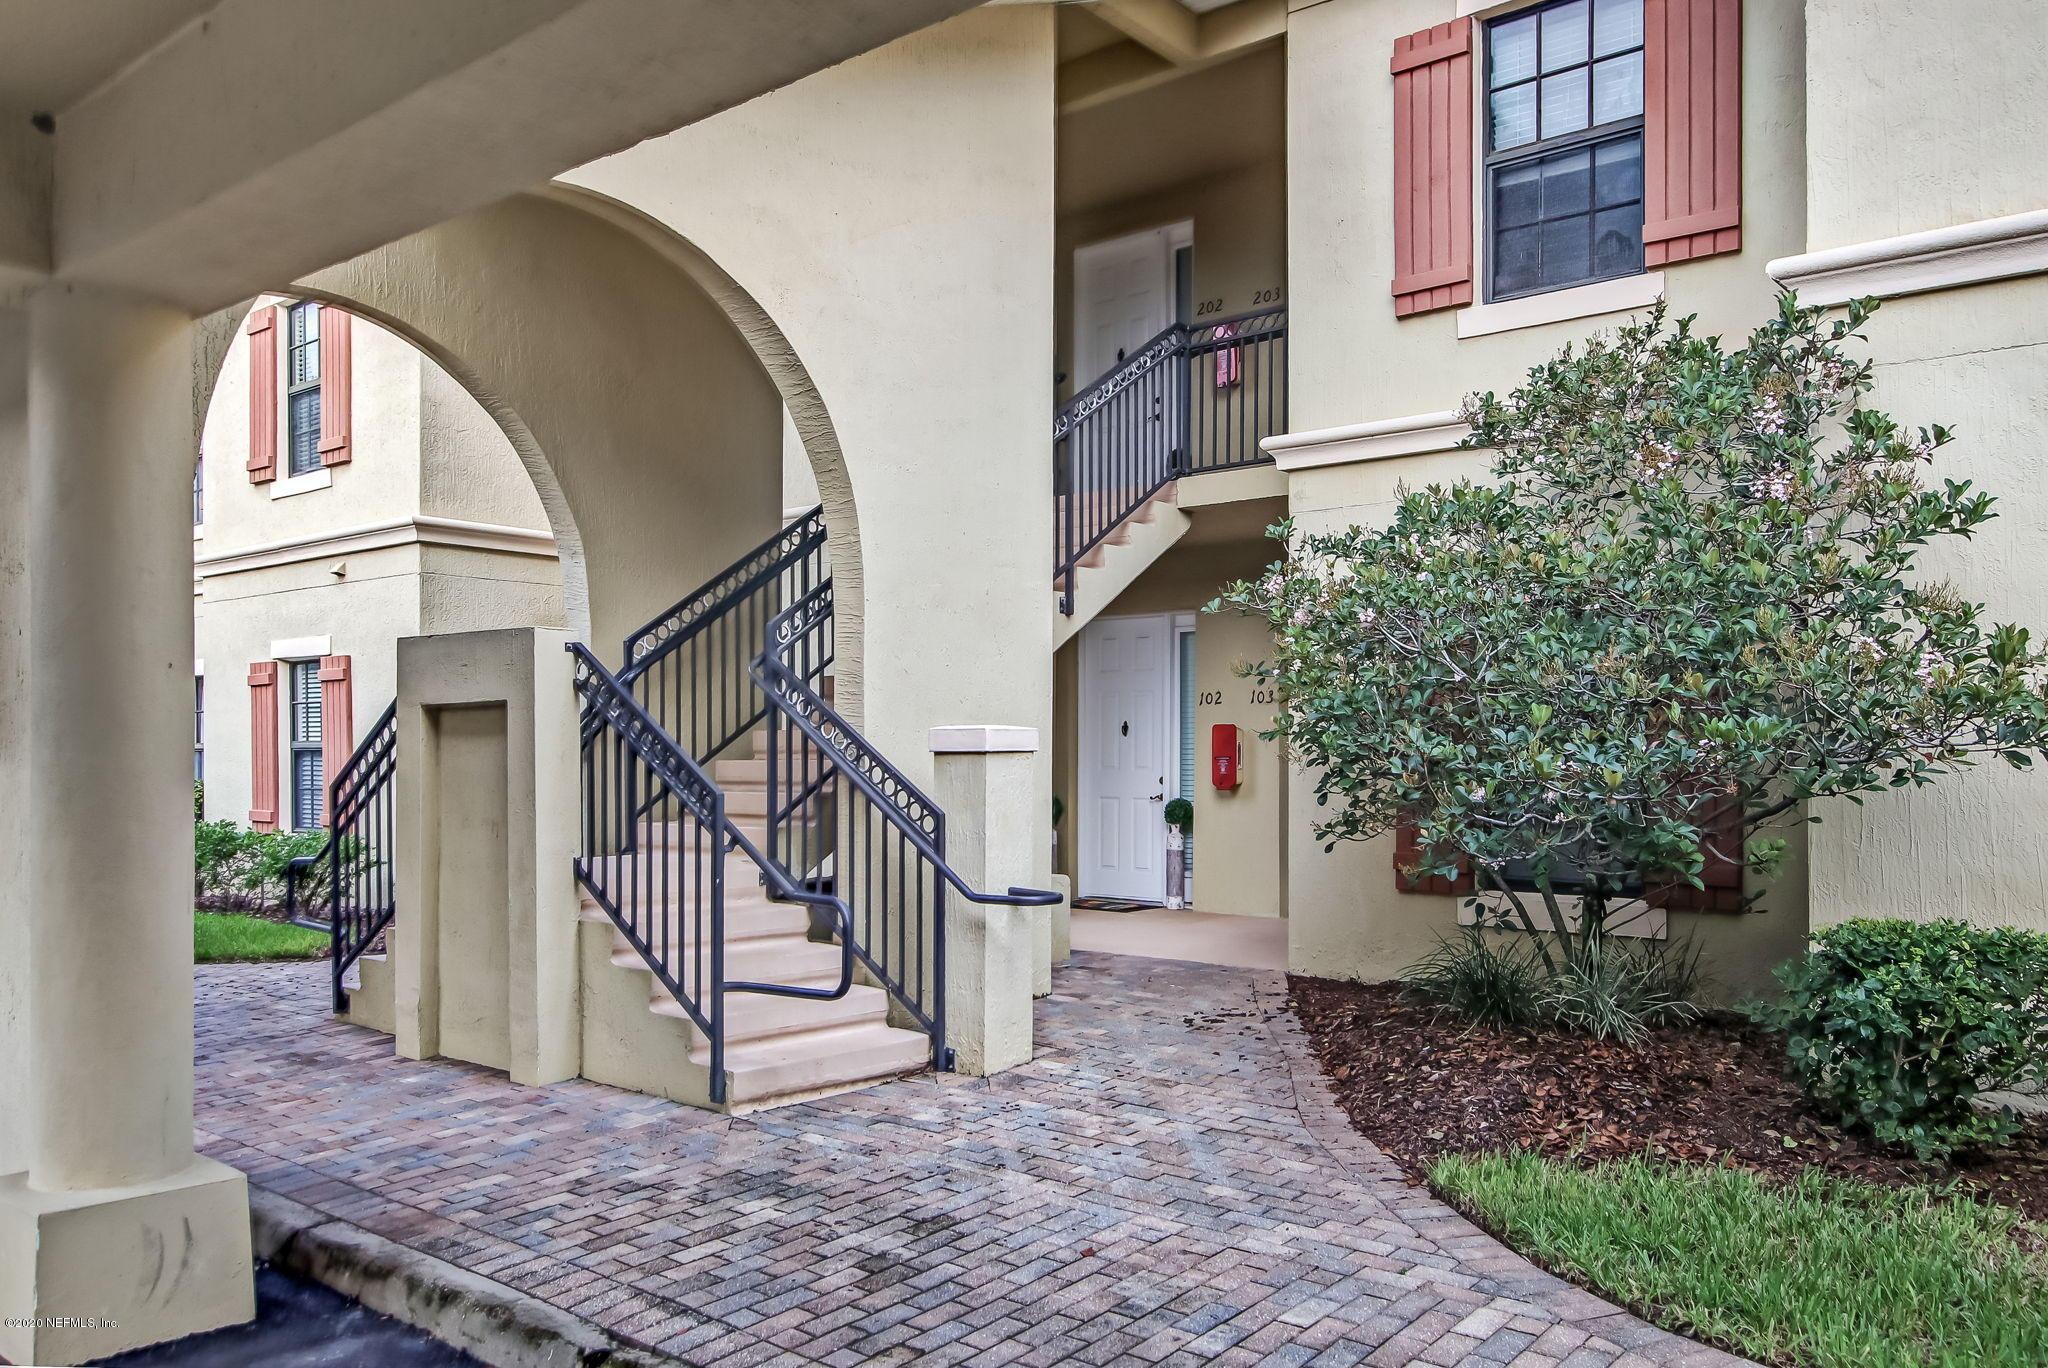 315 VIA CASTILLA, ST AUGUSTINE, FLORIDA 32095, 2 Bedrooms Bedrooms, ,2 BathroomsBathrooms,Residential,For sale,VIA CASTILLA,1077314